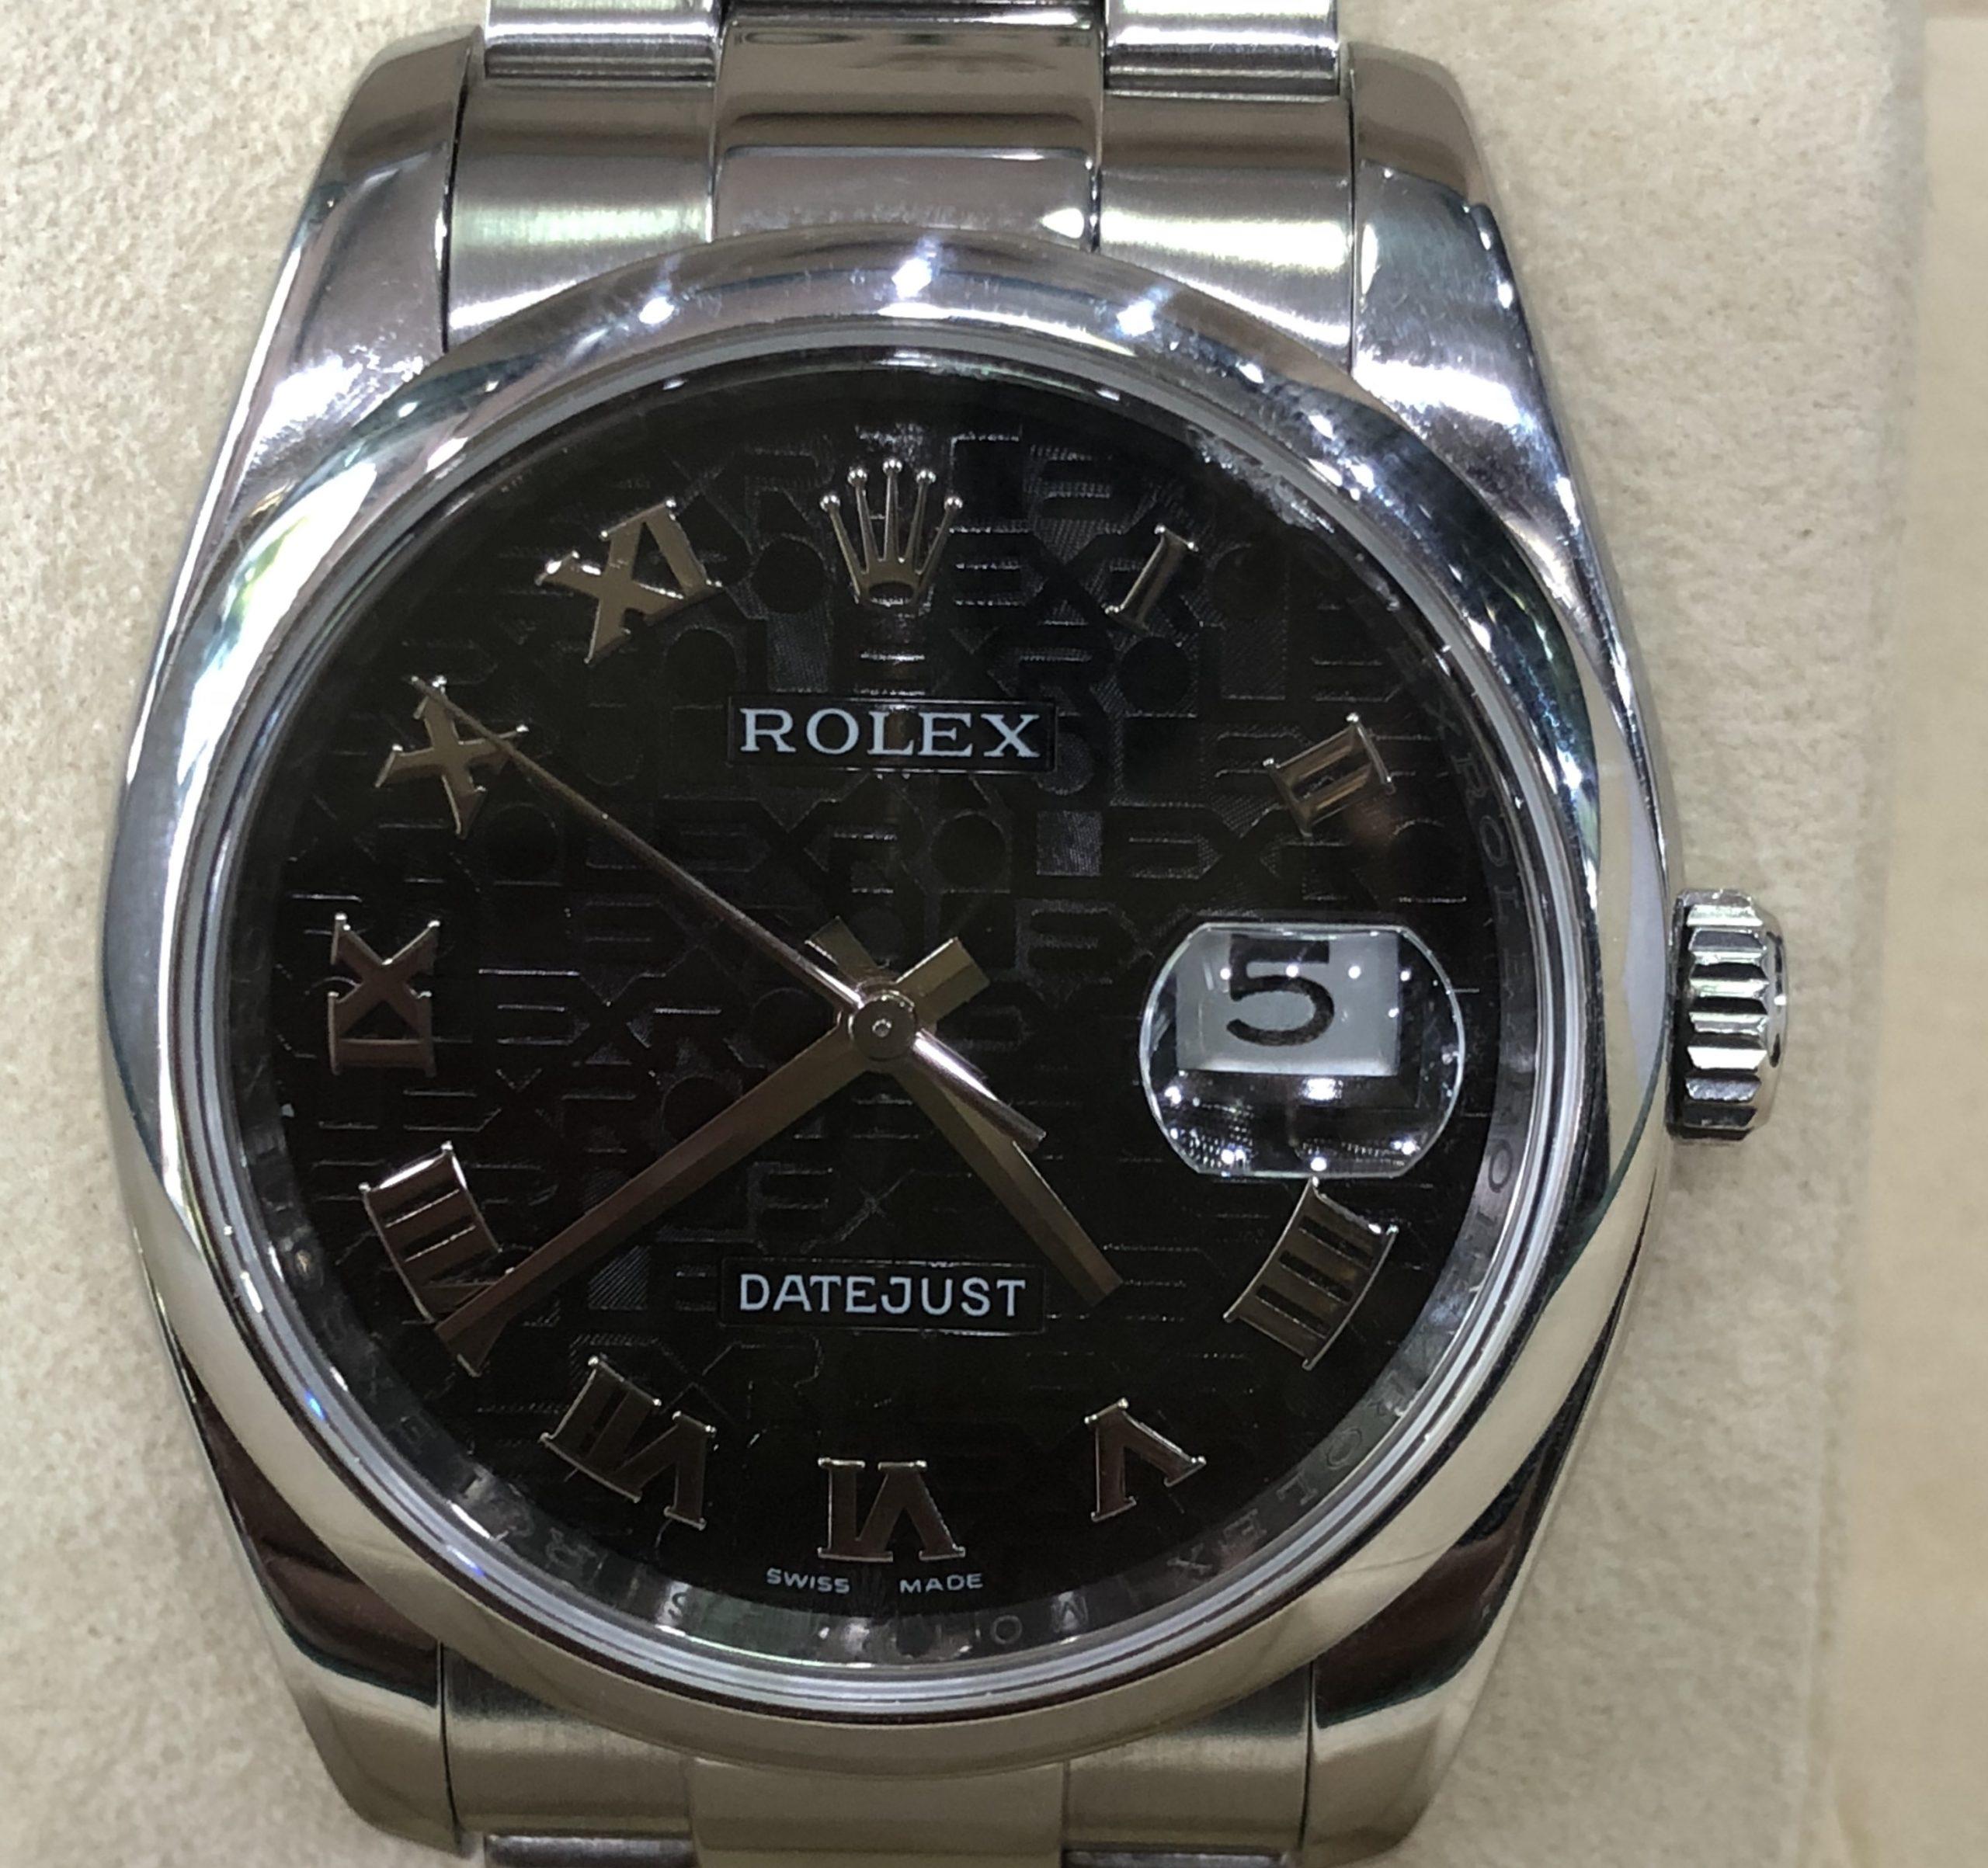 Rolex 116200 mặt đen vi tính size 36mm sản xuất năm 2010